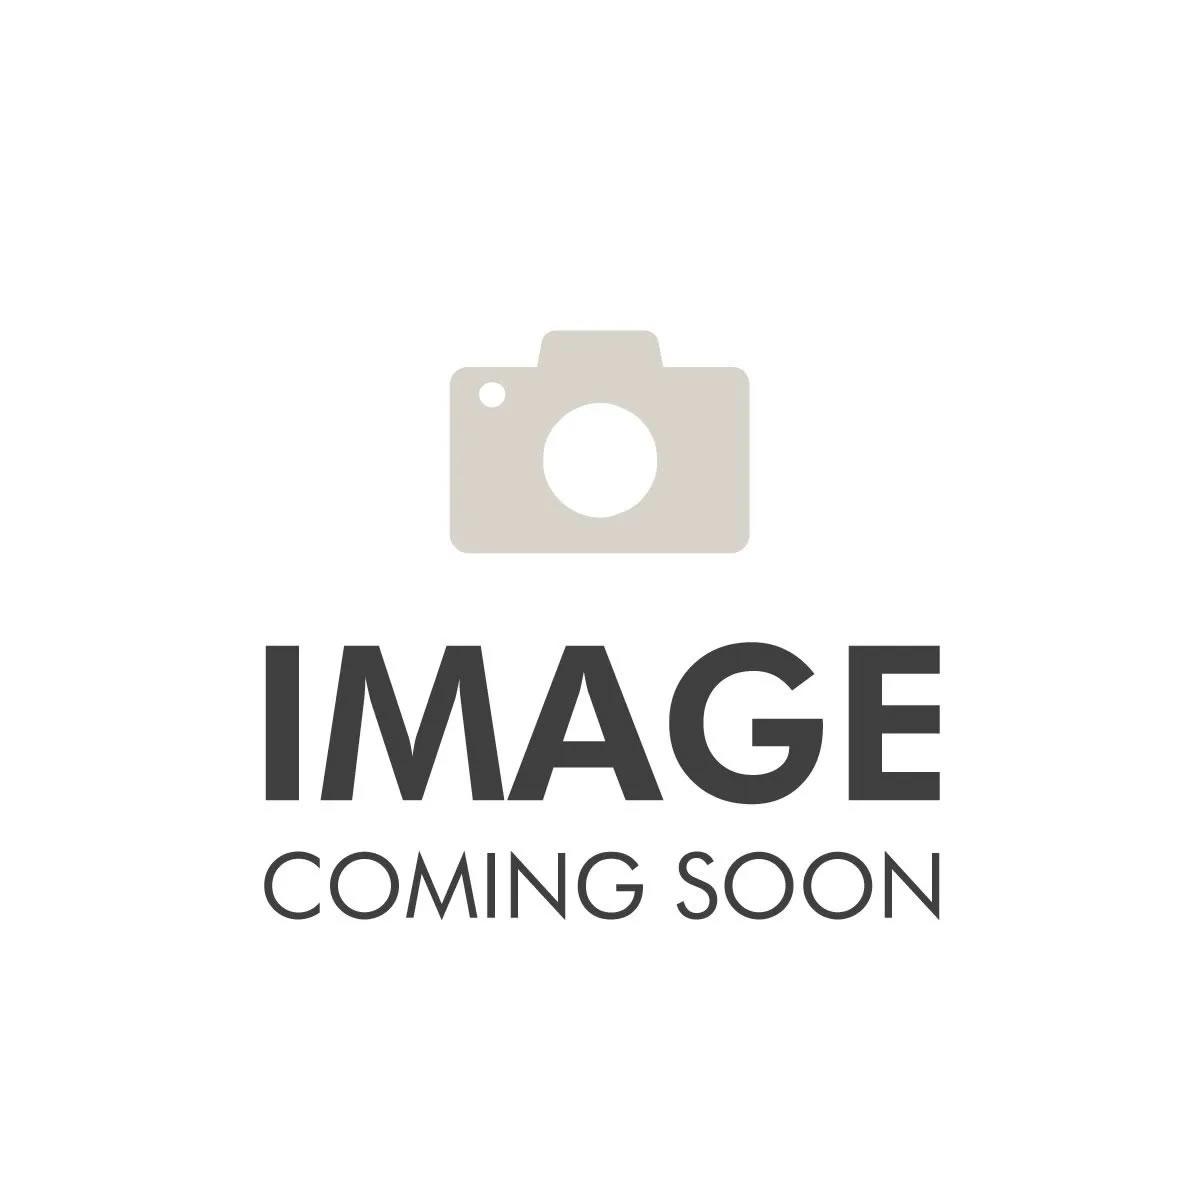 Wheel Cylinder Repair Kit, 13/16 Inch Bore